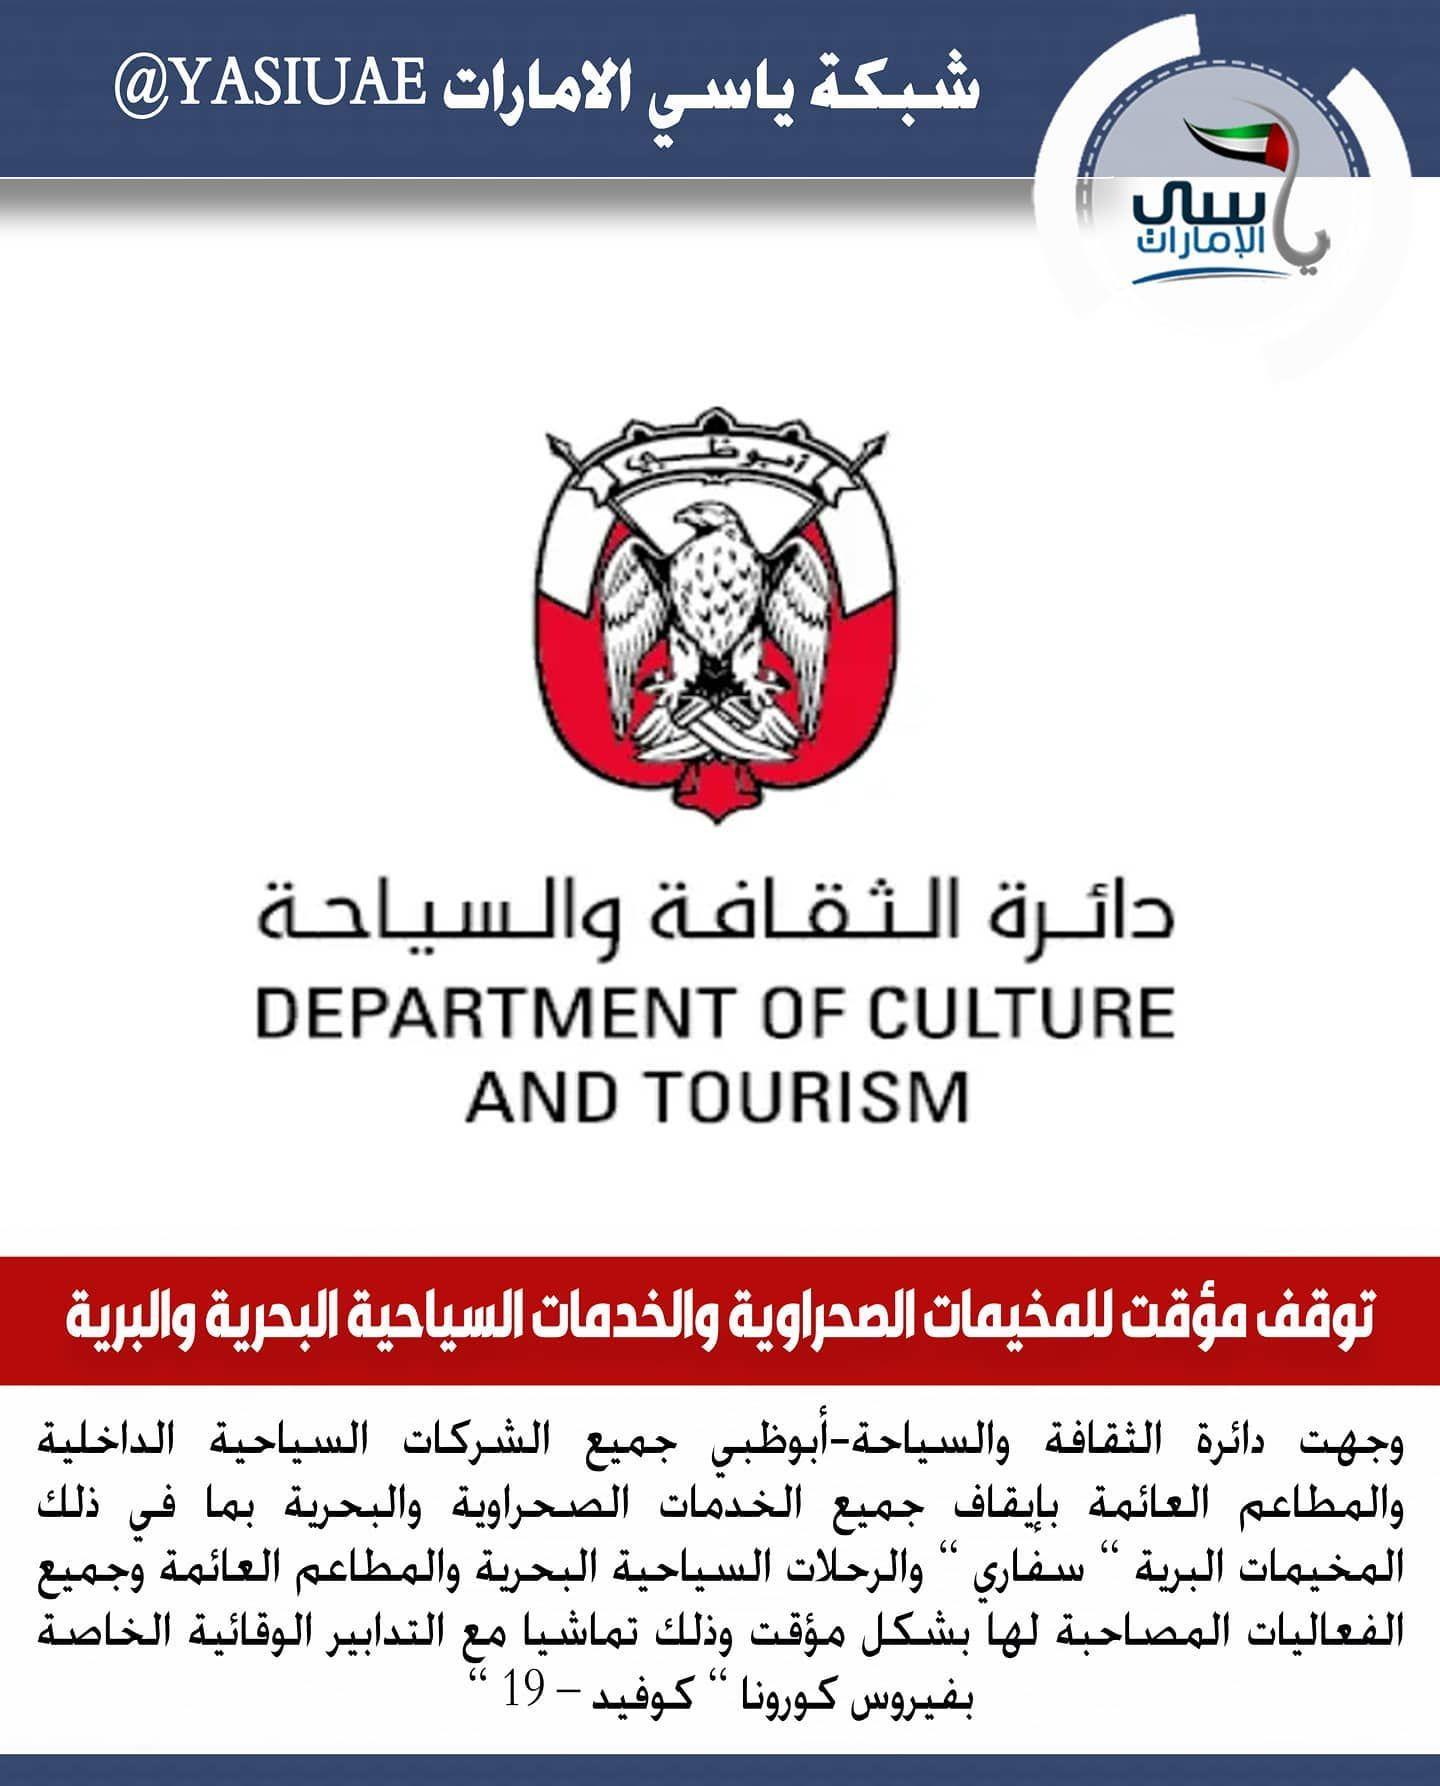 ياسي الامارات أبوظبي توقف مؤقتا المخيمات الصحراوية والخدمات السياحية البحرية والبرية والمطاعم العائمة Tourism Convenience Store Products Convenience Store